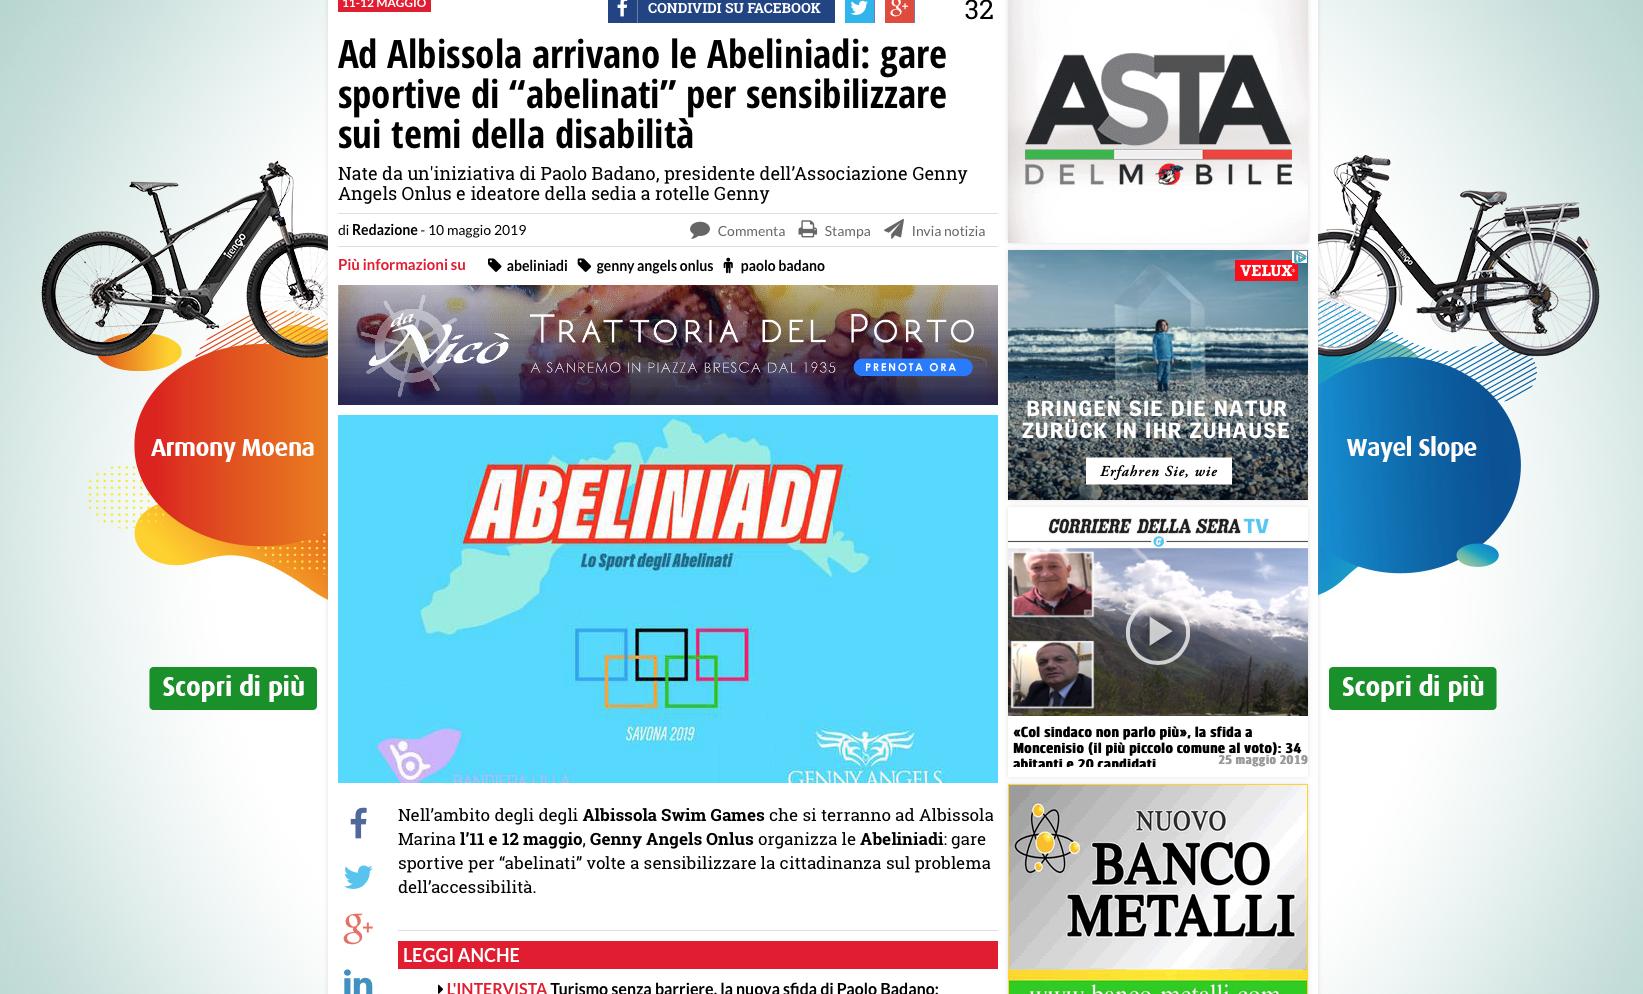 (Italiano) Intervista: Lei dice che il turismo accessibile é una risorsa non ancora scoperta, perché?